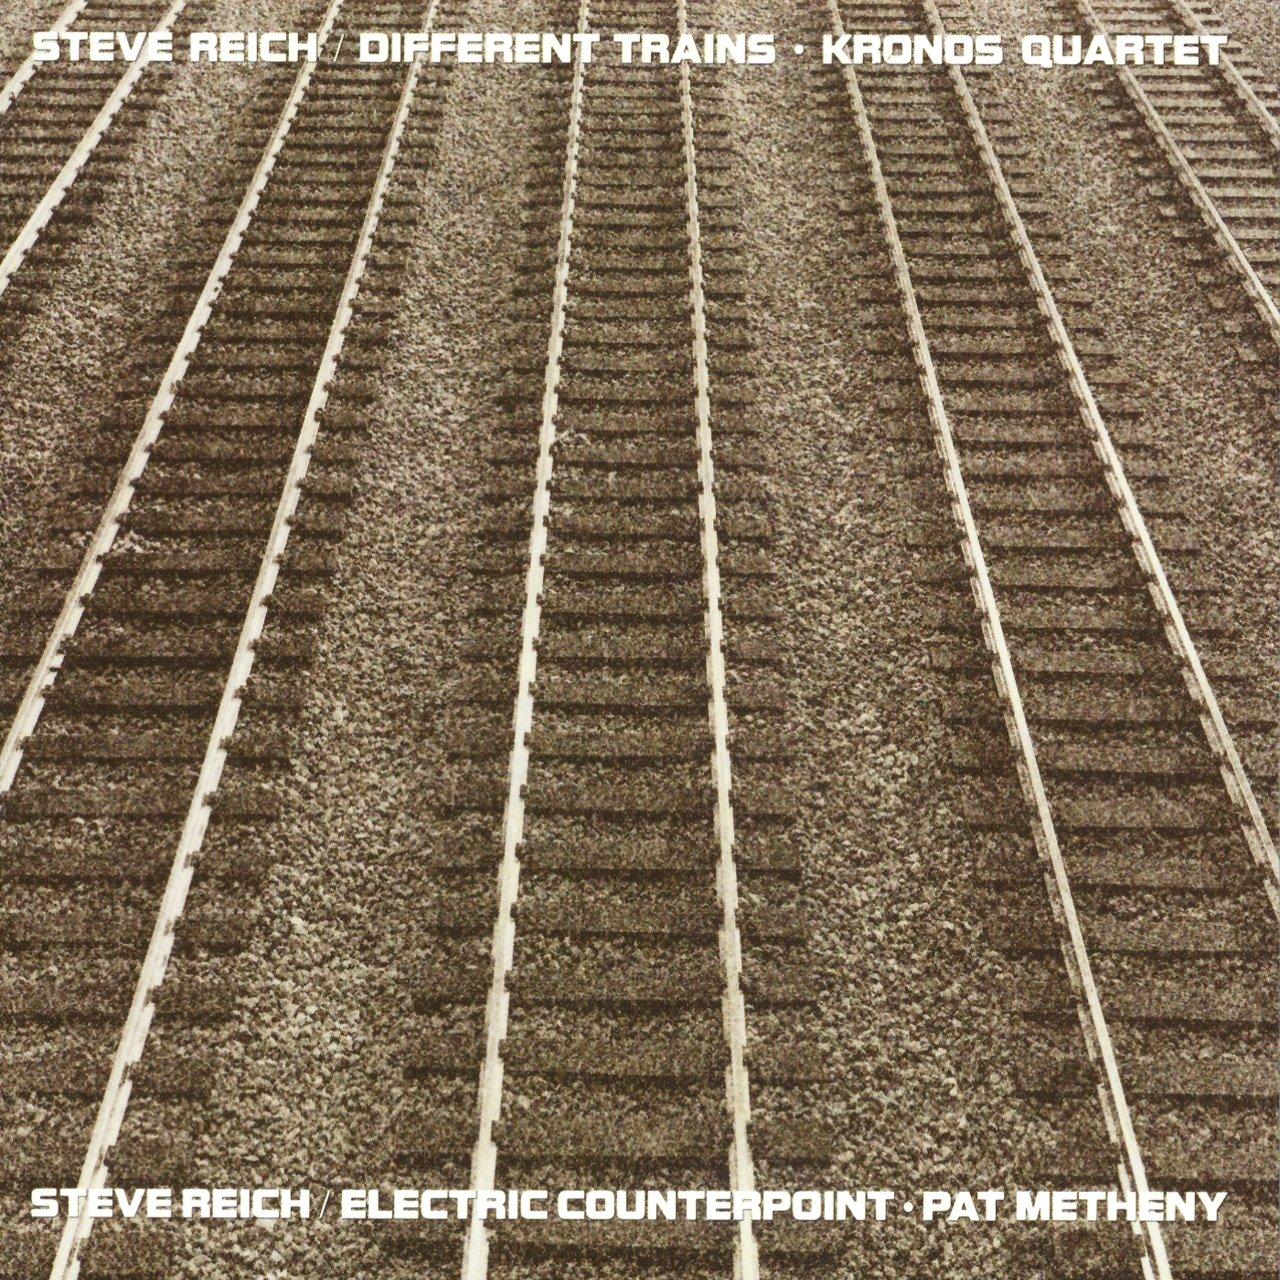 reich-different train